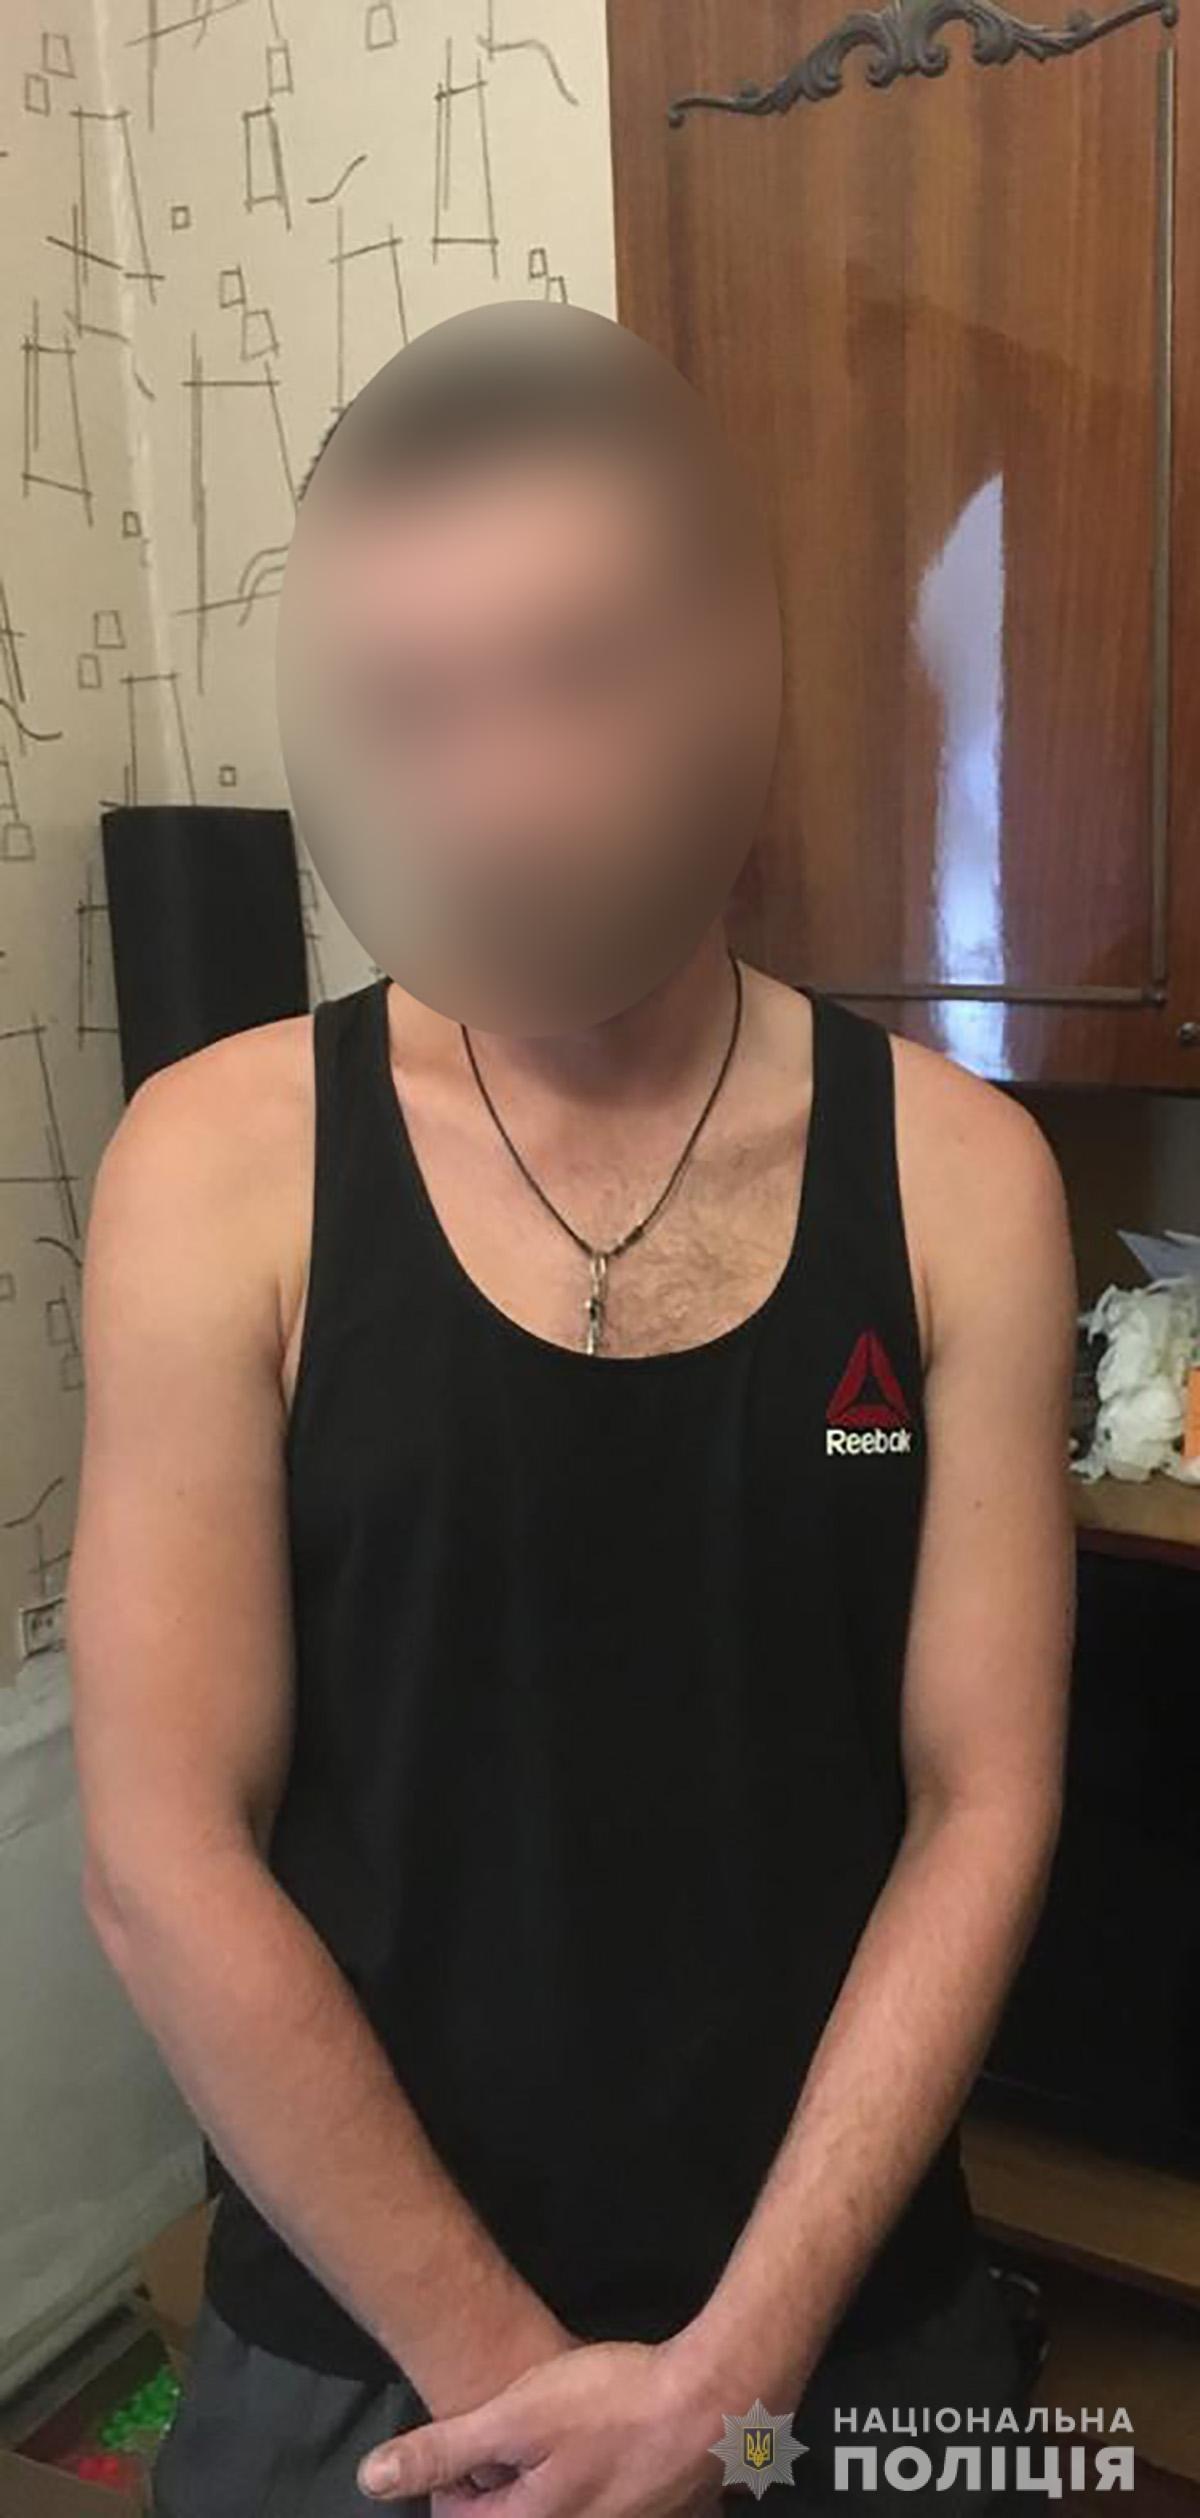 Правоохранительные органы Бердянска задержали закладчика наркотиков, фото-1